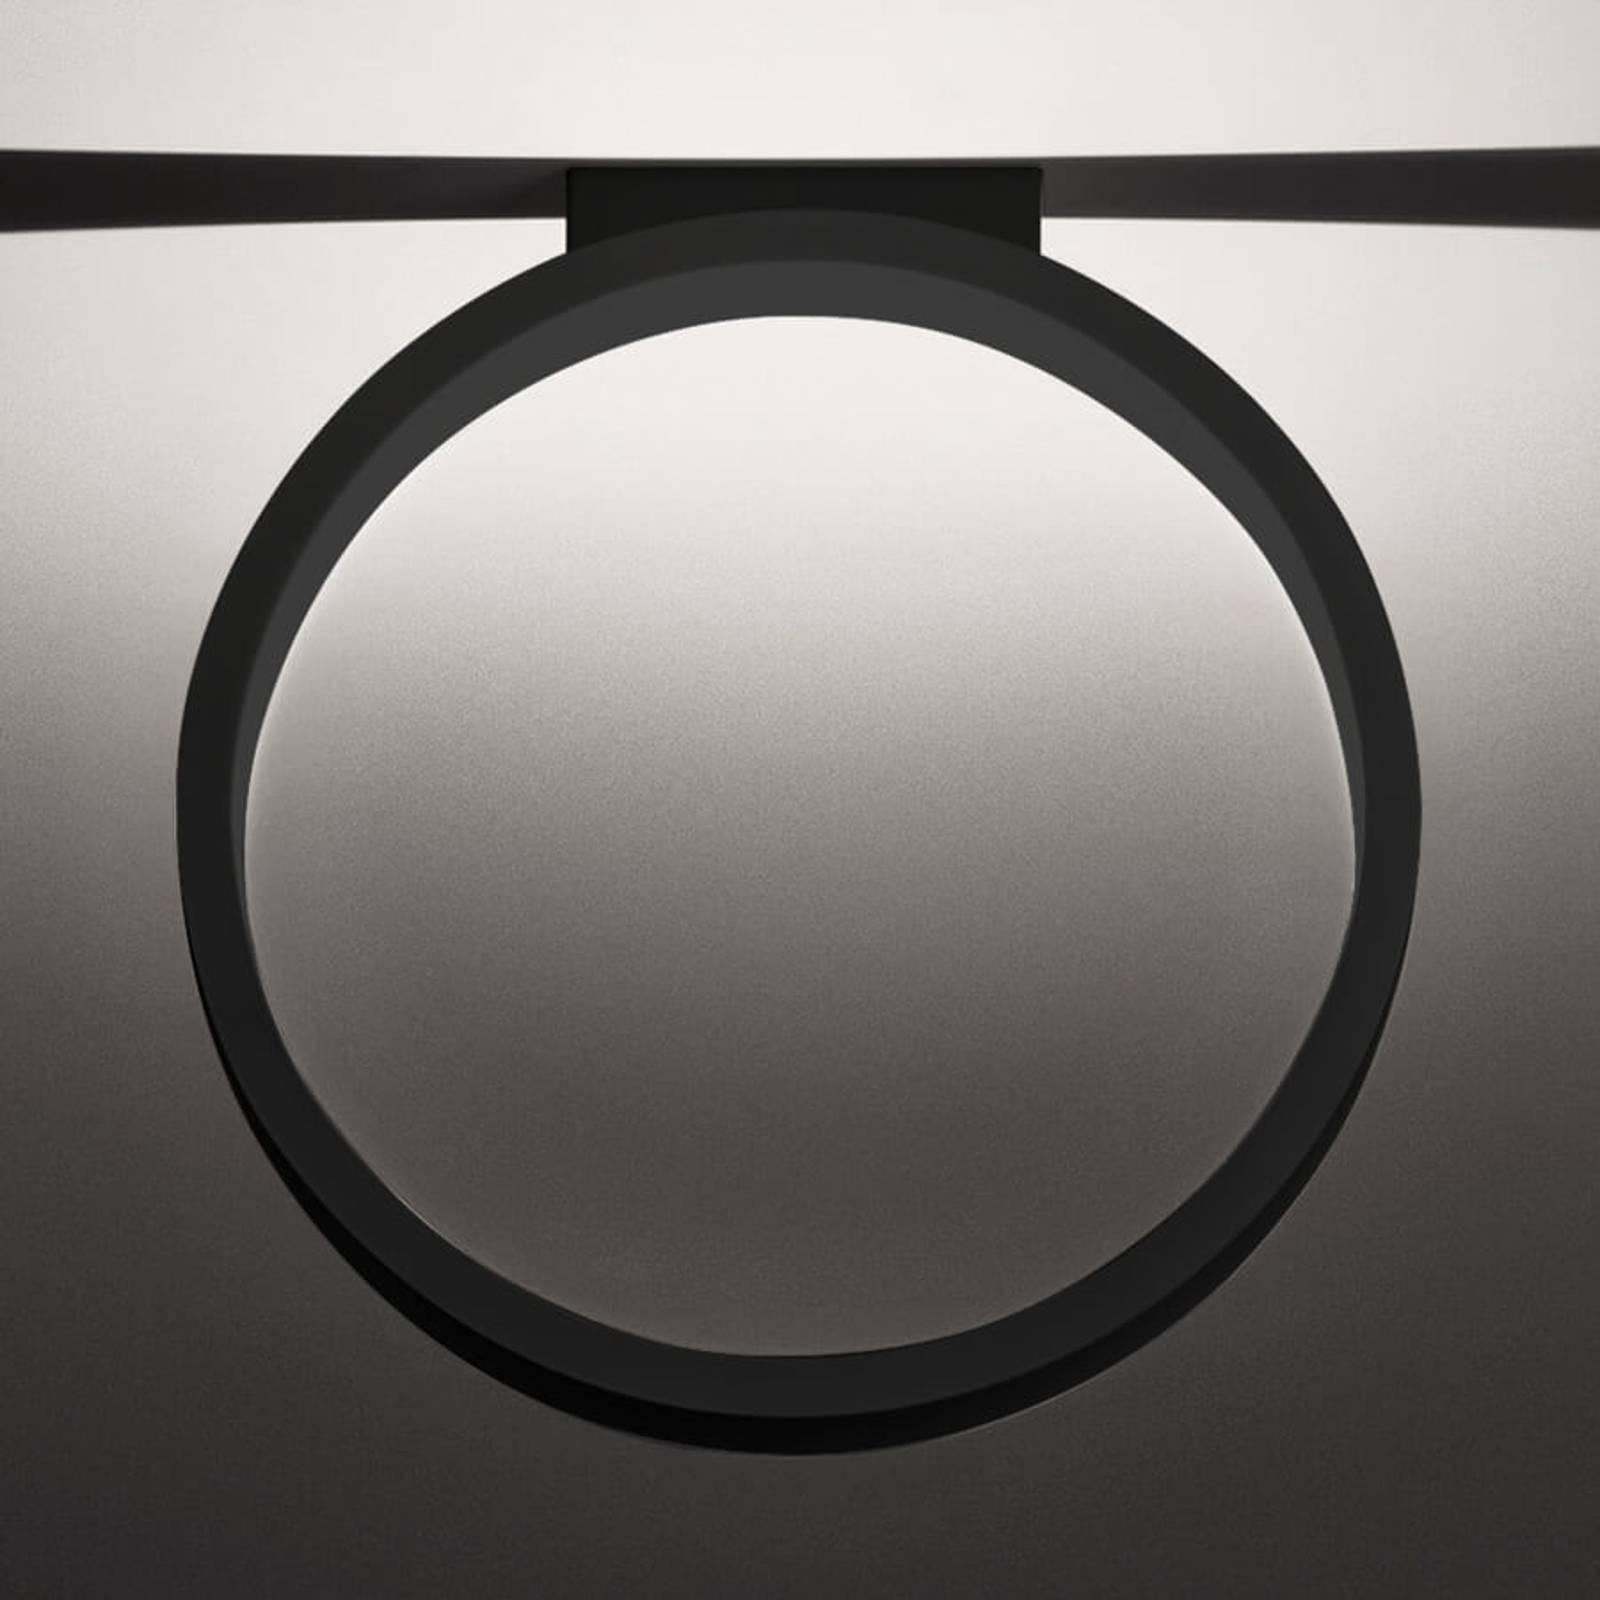 Cini&Nils Assolo - LED-kattovalaisin musta 43 cm